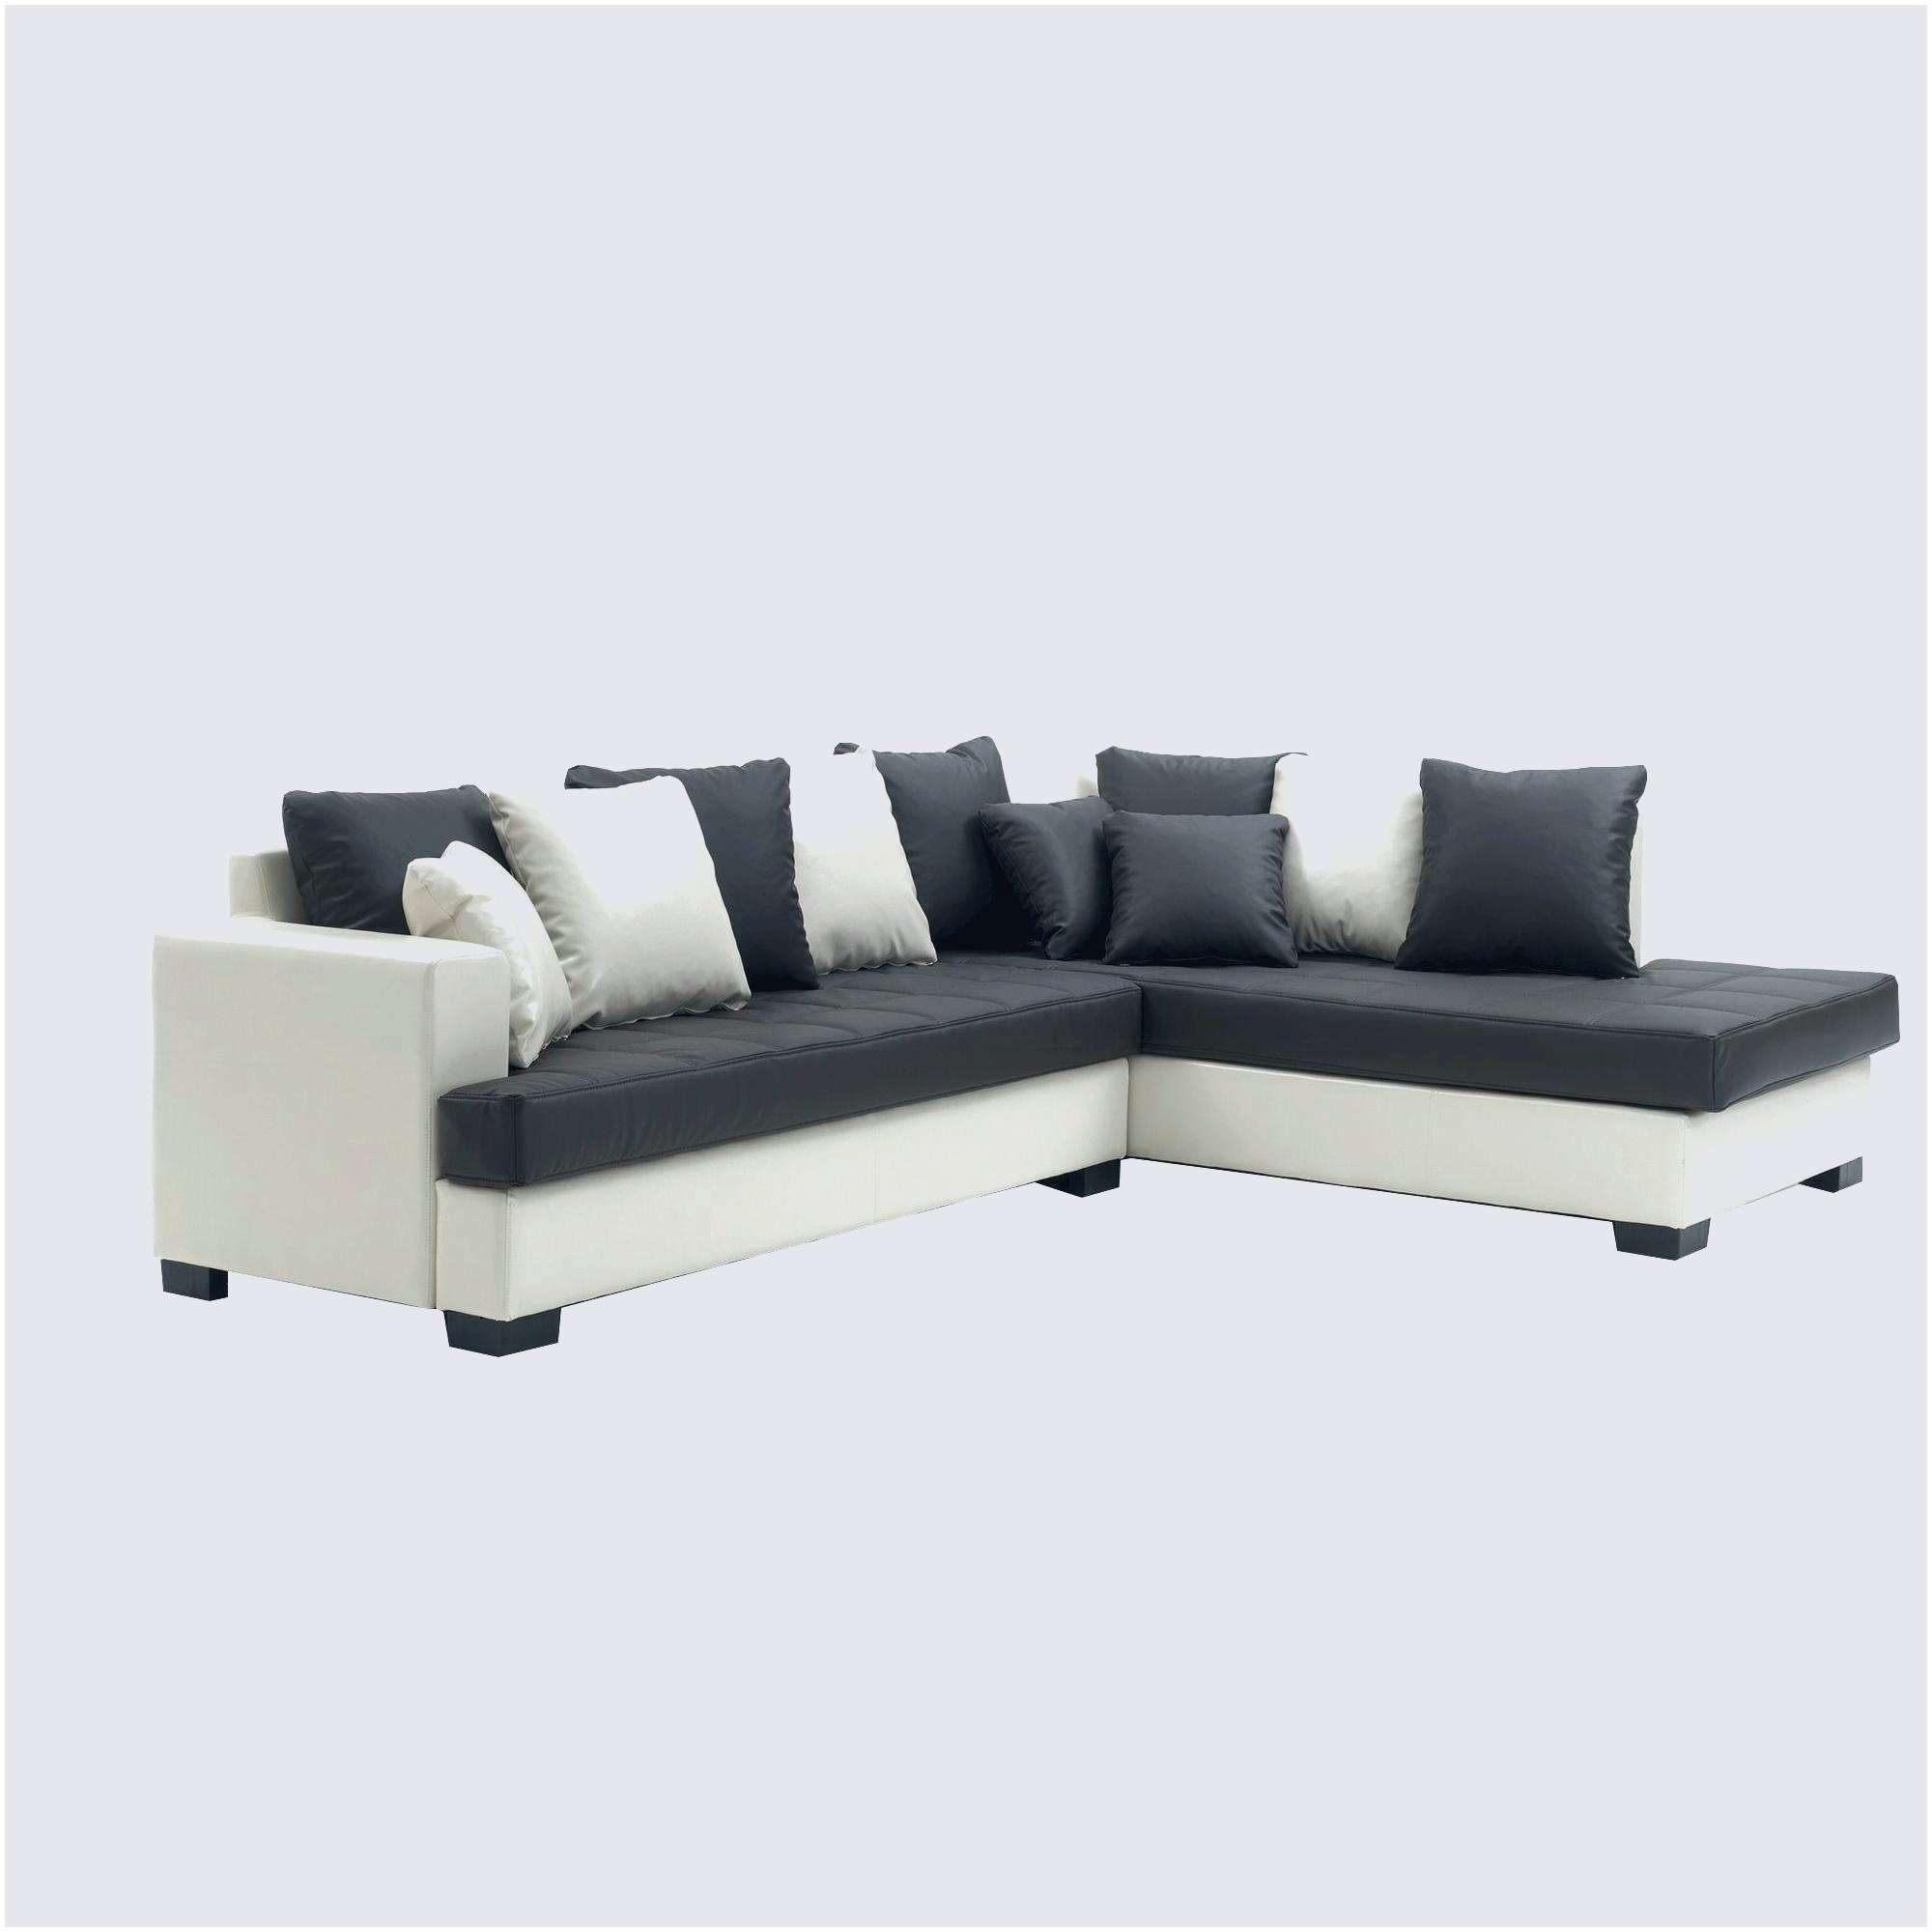 Lit Electrique Ikea Magnifique 57 Matelas Pour Lit Electrique 80×200 Ikea Vue Jongor4hire